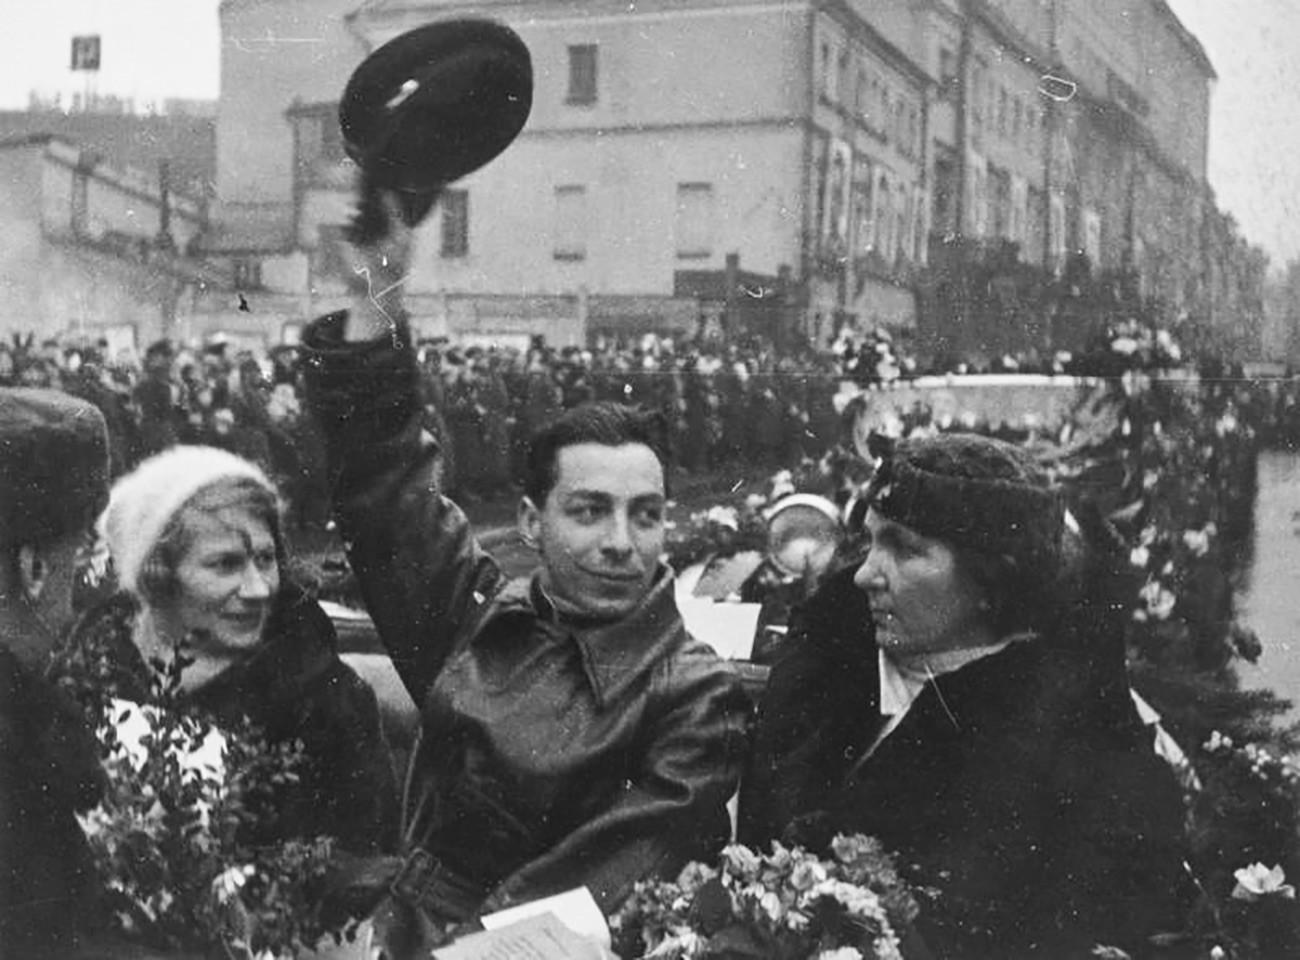 極地探検隊はモスクワで真の英雄として迎えられた。写真はエヴゲーニー・フョードロフ。